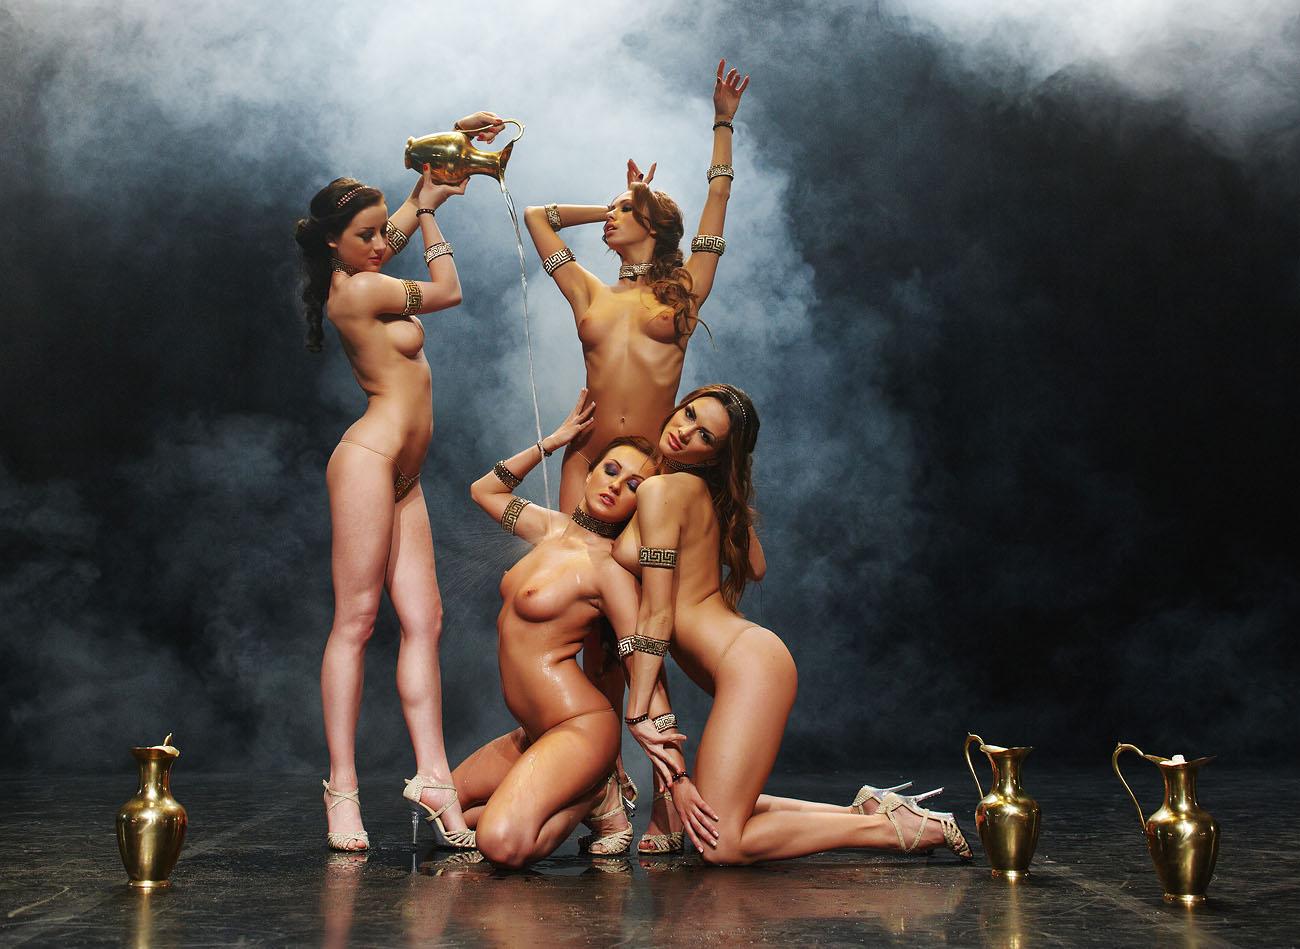 Телевизионные эротические реалити шоу 26 фотография